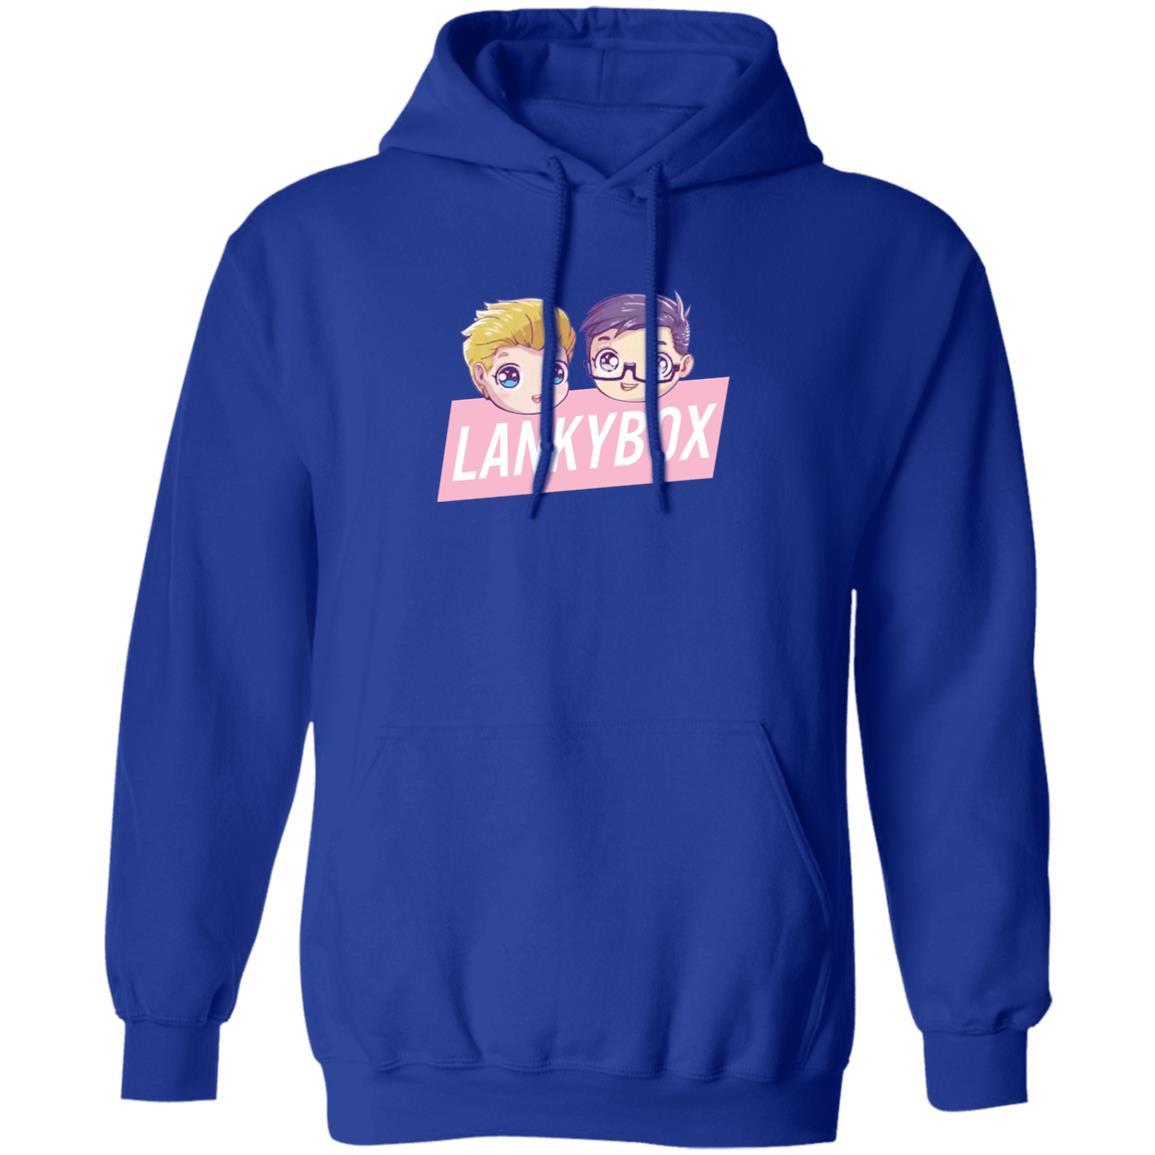 Lankybox Merch Lankybox Logo Hoodie T Shirt Sweat Shirt Funny Whiskey Shirt Royal